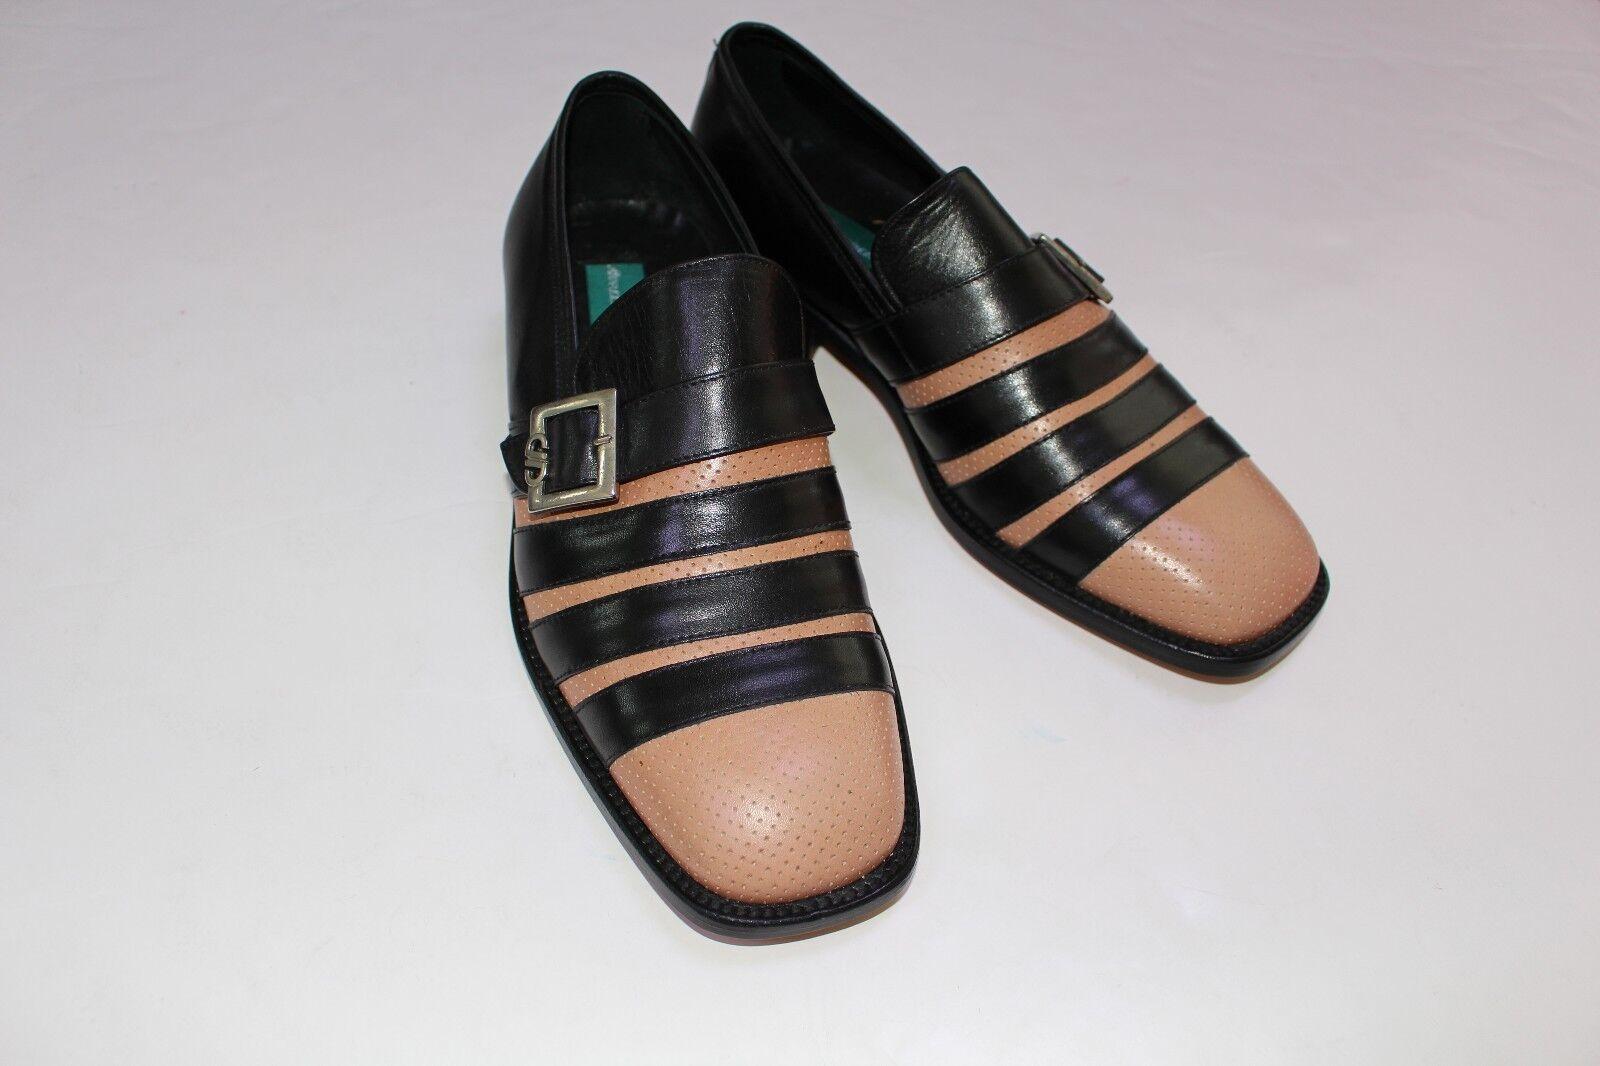 Aurelio Garcia Men's Black Tan Buckle Dress Leather Loafers Shoes NEW Size 13